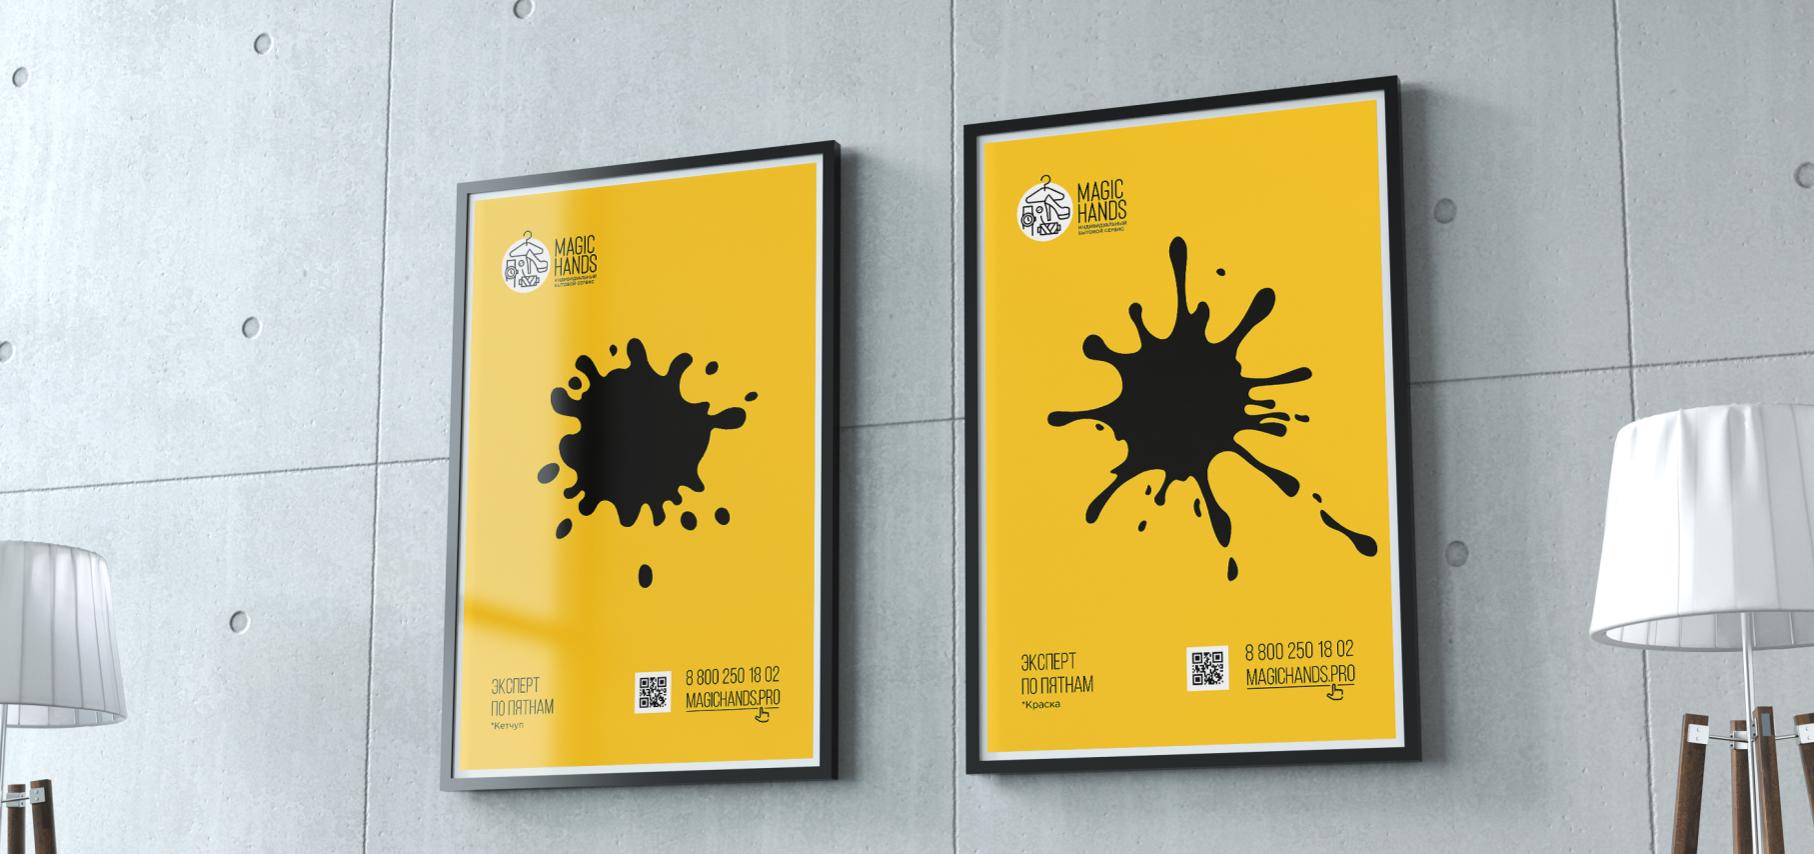 Magic Hands - HMS Brands - кейсы - постер 3